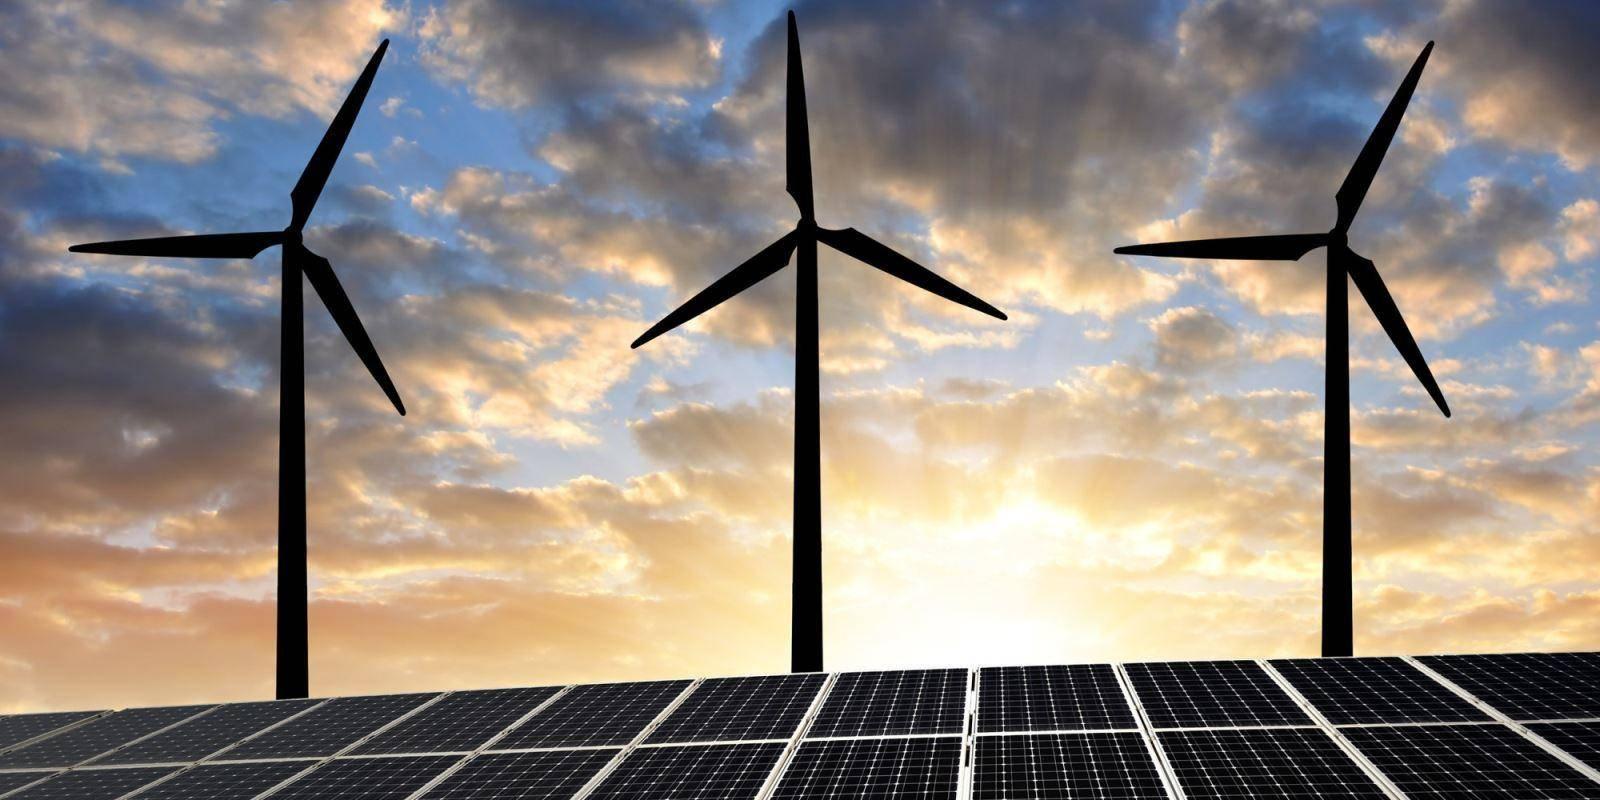 期待能源大变革,这三只新能源股票能分得一杯羹吗?